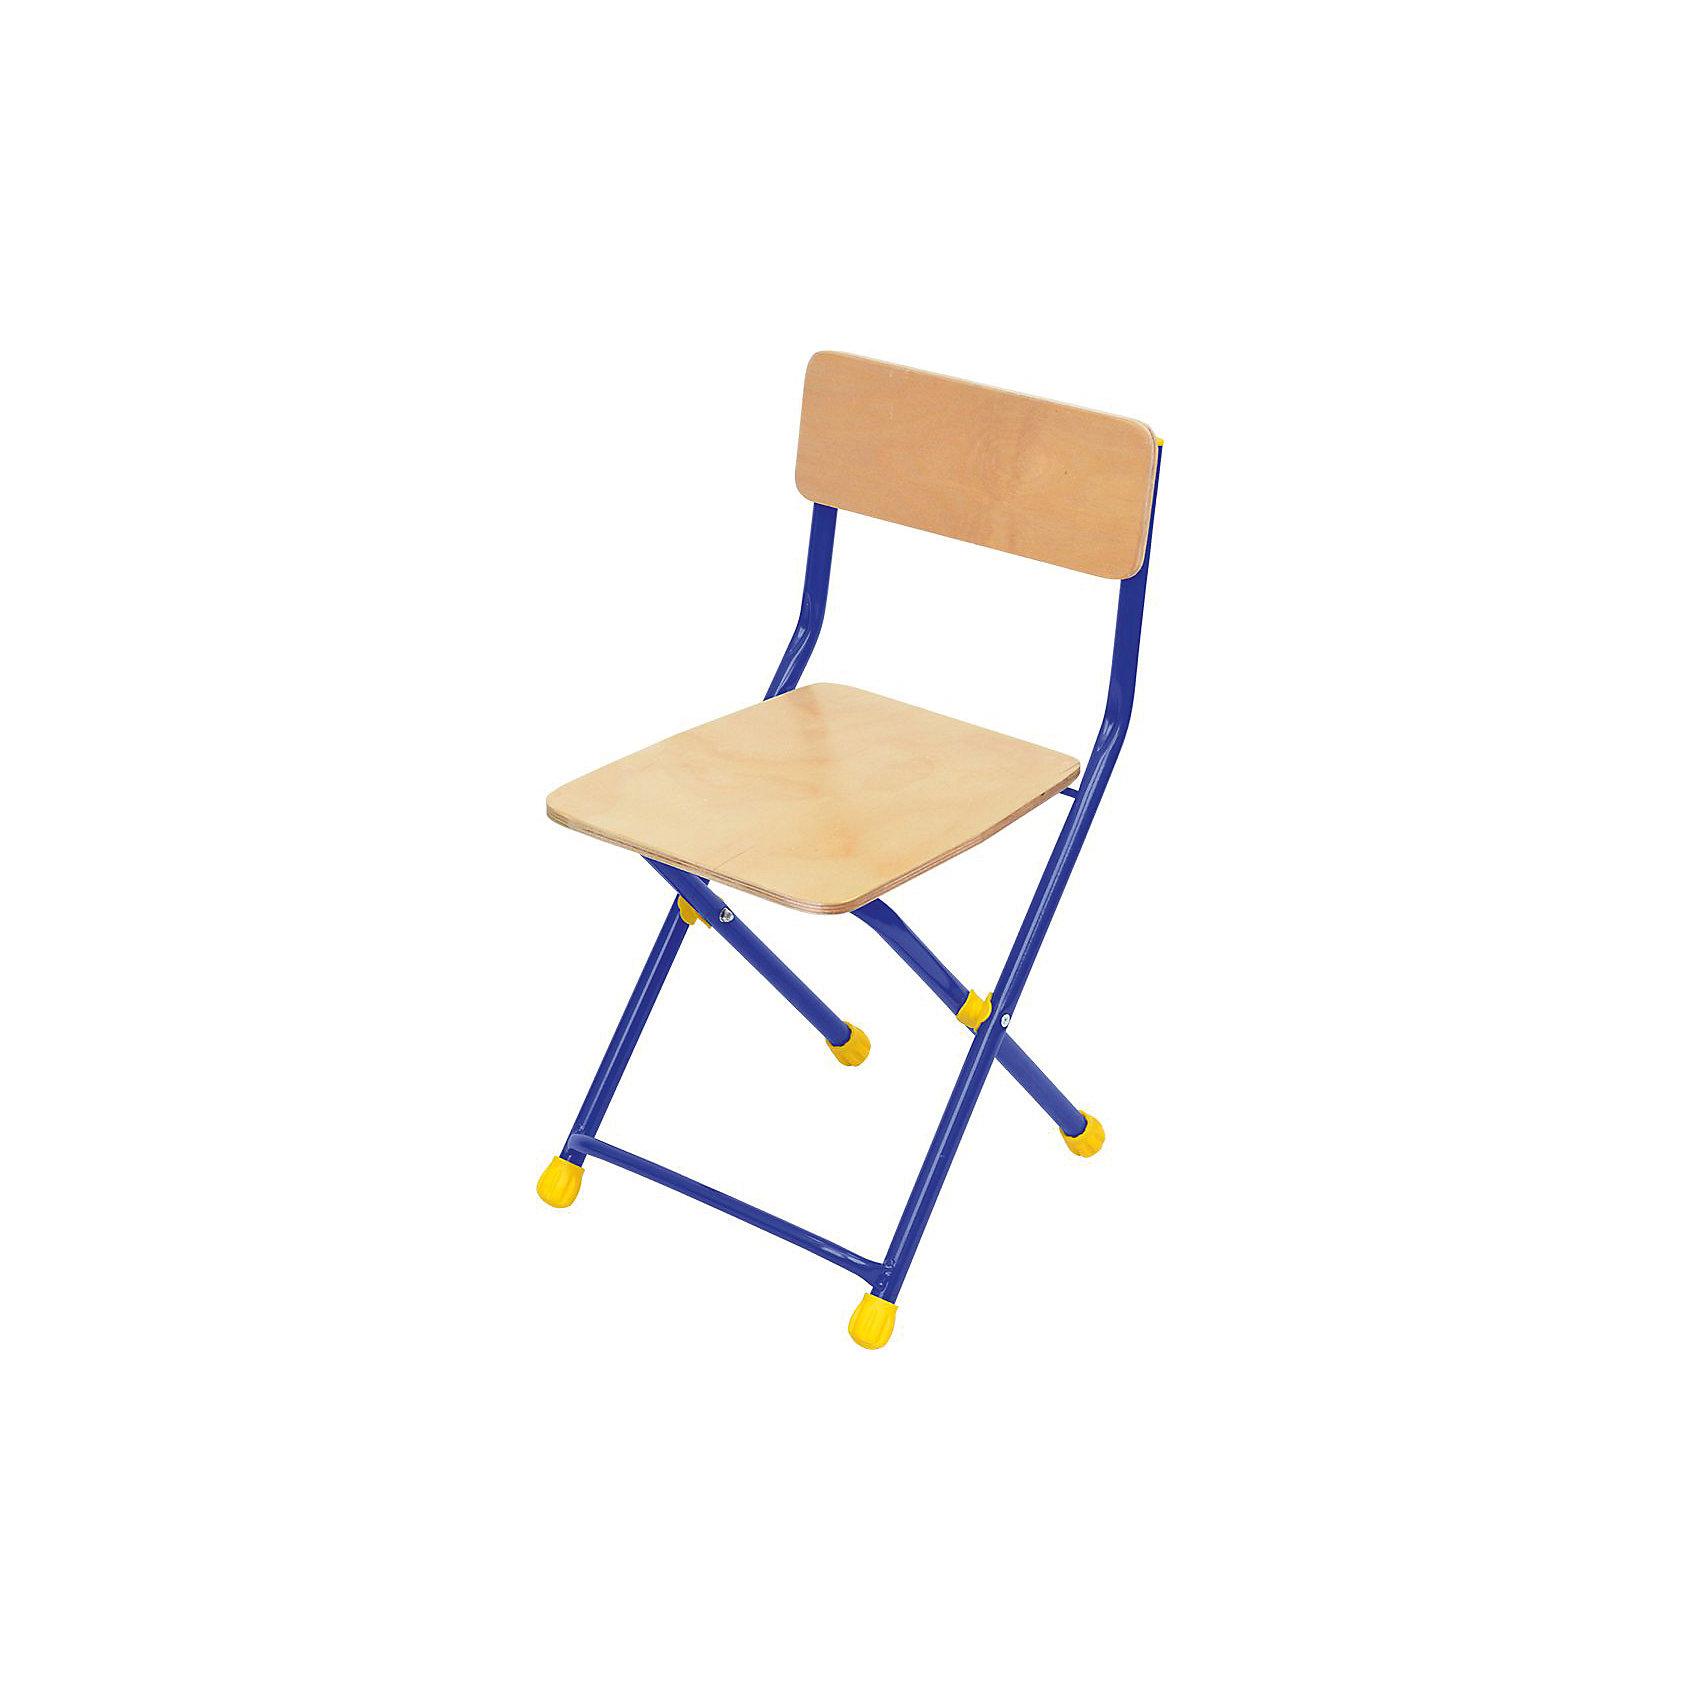 Складной стул СТФ1. Универсал, Ника, синийМебель<br>Характеристики товара:<br><br>• цвет: синий<br>• материал: металл, пластик, фанера<br>• сиденье: 300х300 мм<br>• высота до сиденья: 340 мм<br>• высота со спинкой 590 мм<br>• на ножках пластмассовые наконечники<br>• складной<br>• упаковка: термопленка<br>• возраст: от 3 до 7 лет<br>• страна бренда: Российская Федерация<br>• страна производства: Российская Федерация<br><br>Детская мебель может быть удобной и эргономичной! Этот стул разработан специально для детей от трех до семи лет. Он легко складывается и раскладывается, занимает немного места. Каркас сделан из прочного, но легкого металла, а на ножках стула установлены пластмассовые наконечники для защиты напольного покрытия. Отличное решение для игр, творчества и обучения!<br>Правильно подобранная мебель помогает ребенку расти здоровым, формироваться правильной осанке. Изделие производится из качественных сертифицированных материалов, безопасных даже для самых маленьких.<br><br>Складной стул Универсал (фанера), синий от бренда Ника можно купить в нашем интернет-магазине.<br><br>Ширина мм: 700<br>Глубина мм: 140<br>Высота мм: 330<br>Вес г: 2200<br>Возраст от месяцев: 36<br>Возраст до месяцев: 84<br>Пол: Унисекс<br>Возраст: Детский<br>SKU: 5223604